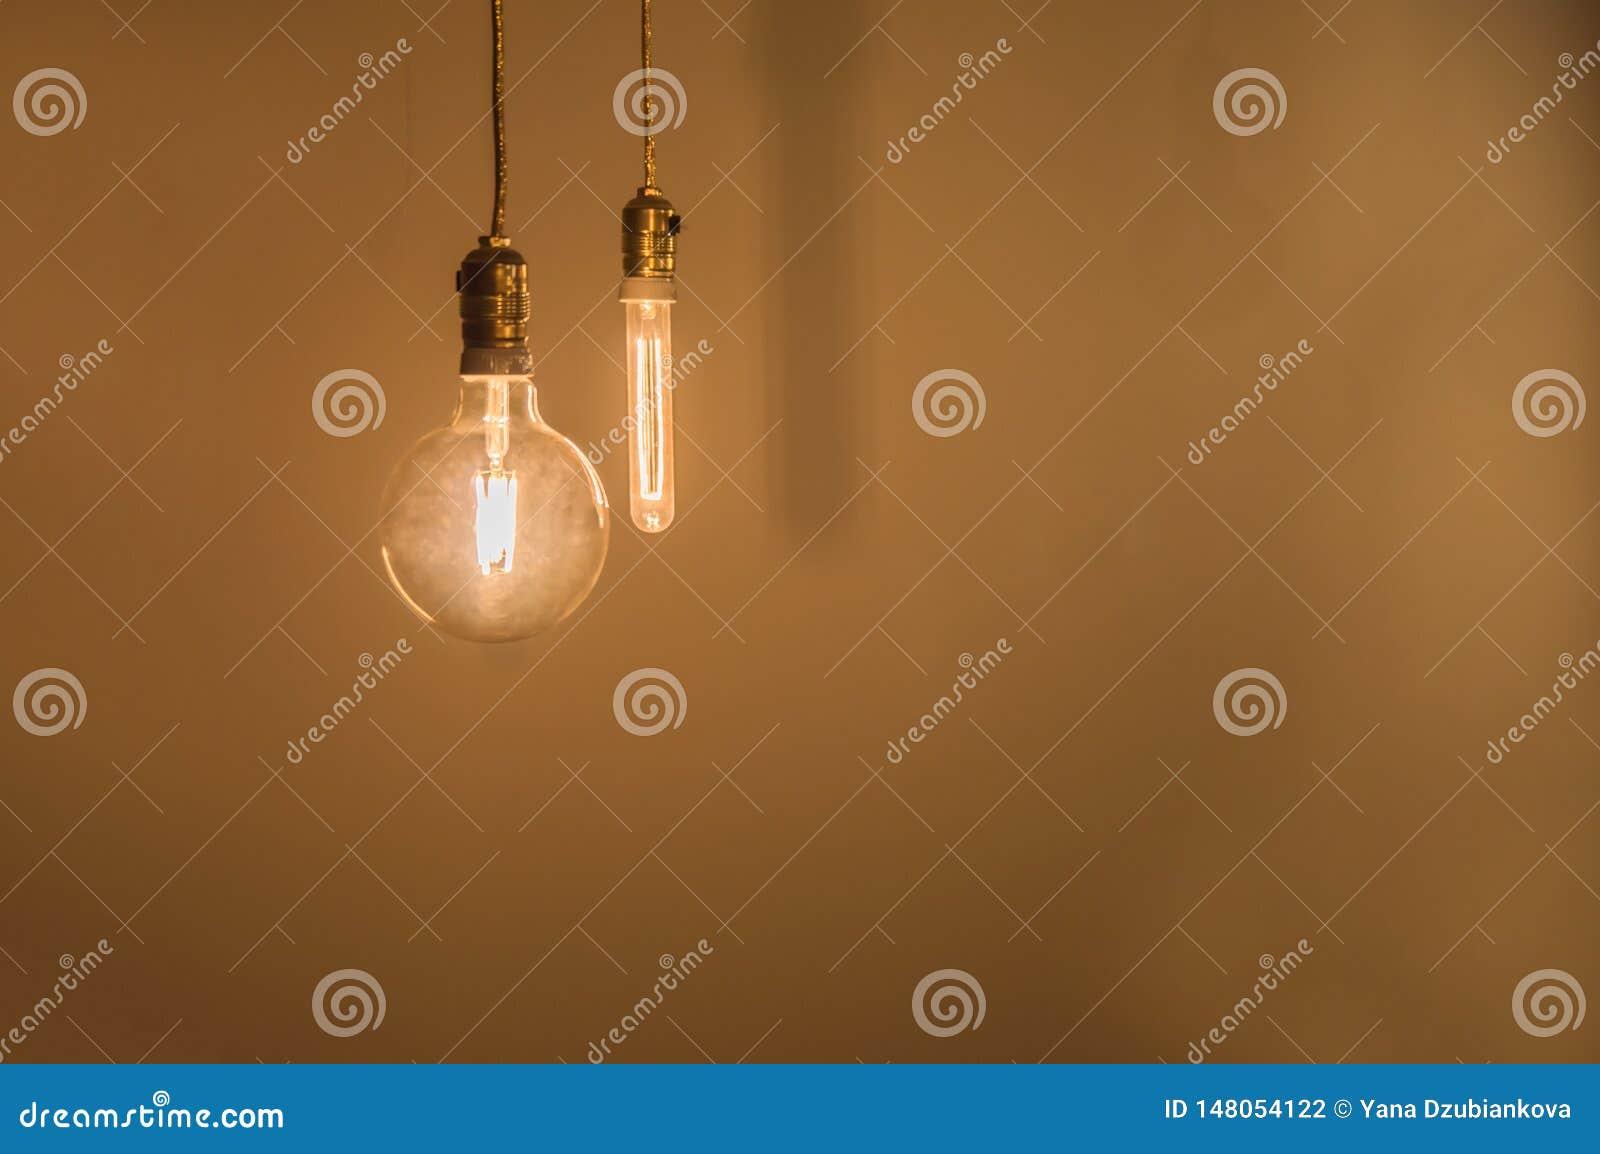 Винтажные электрические лампочки освещают комнату